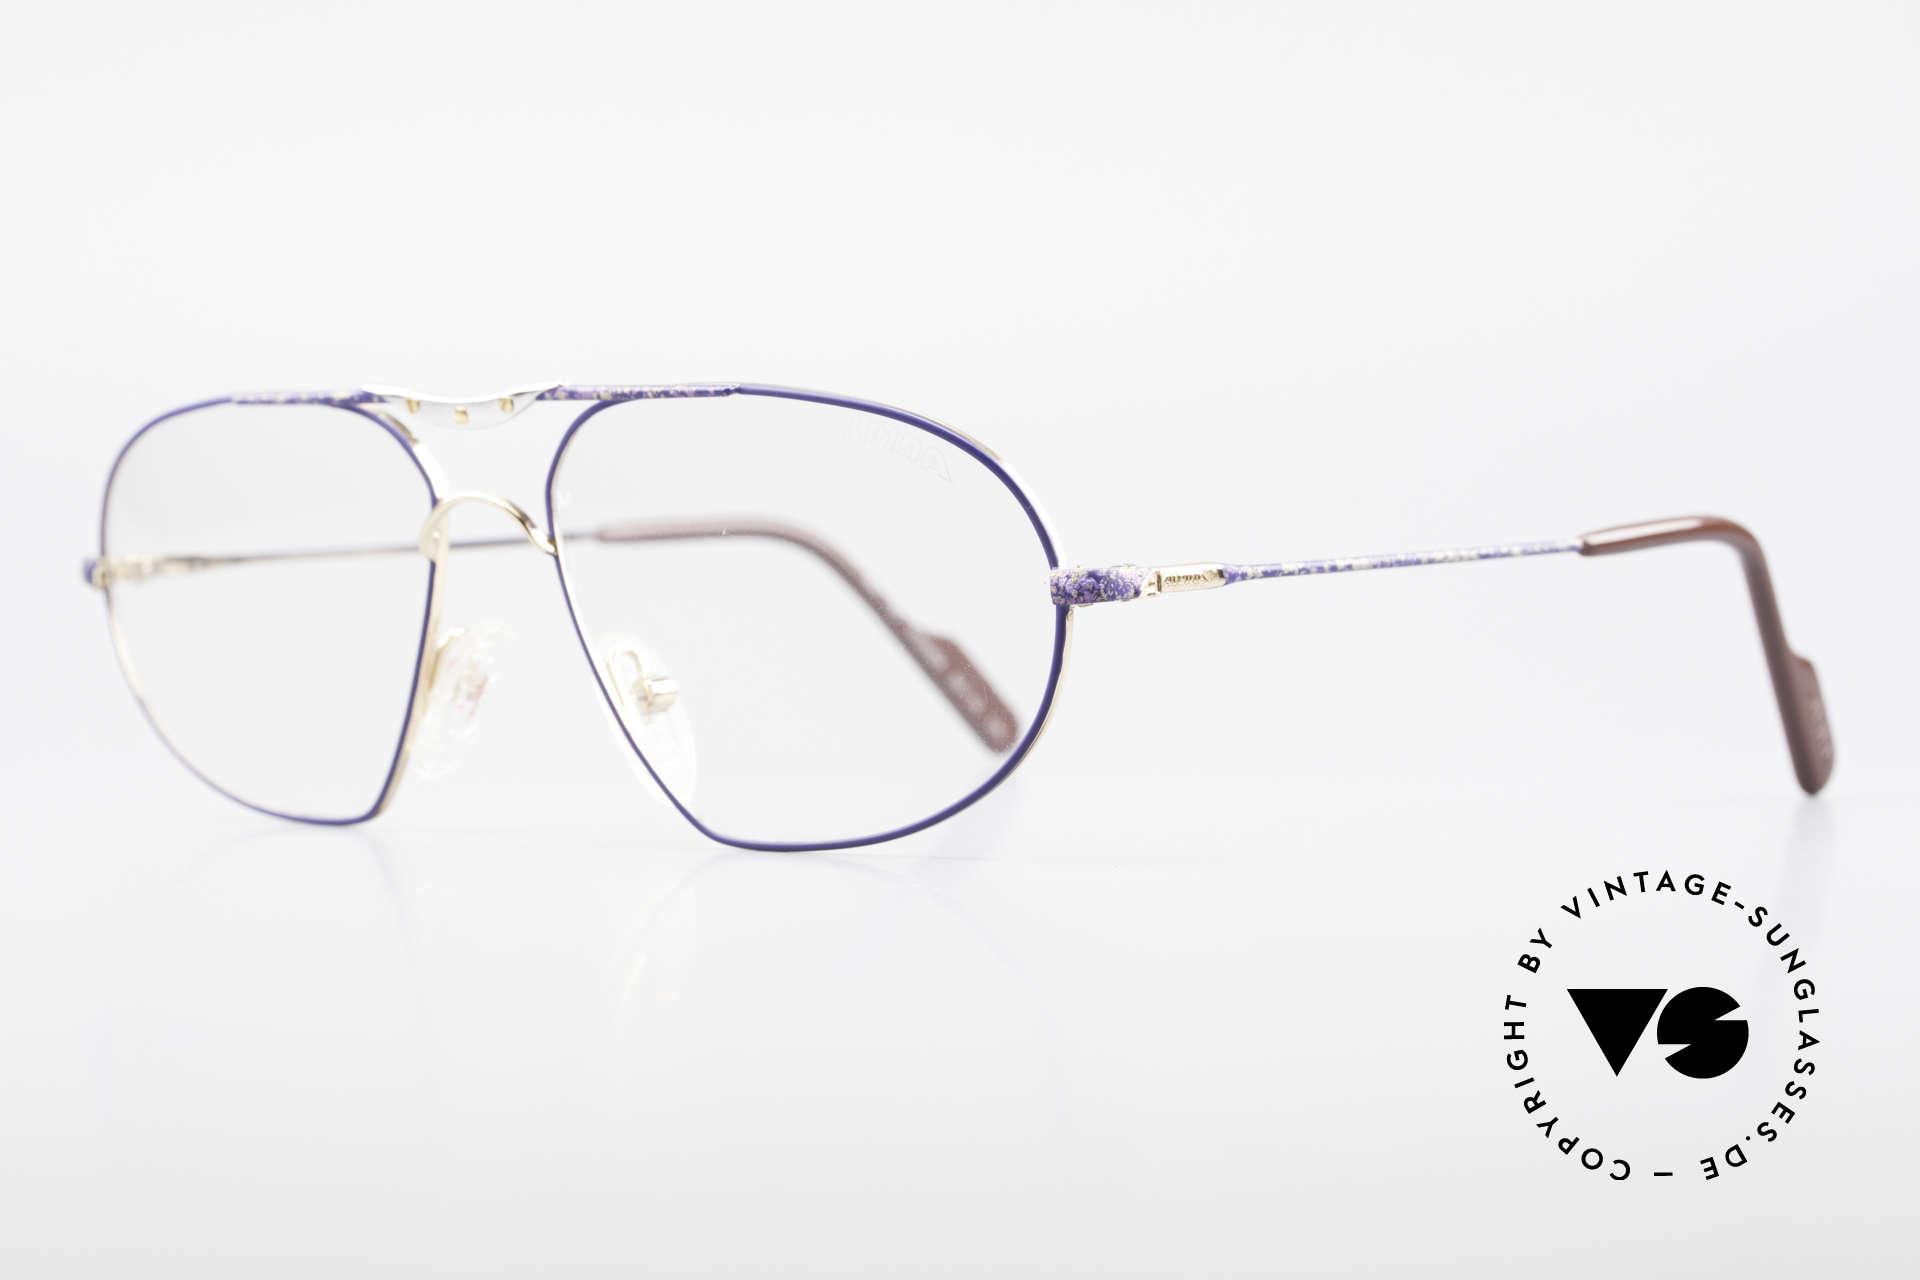 Alpina M1F755 Alte Klassische Herren Brille, vergoldete Fassung & markante blaue Lackierung, Passend für Herren